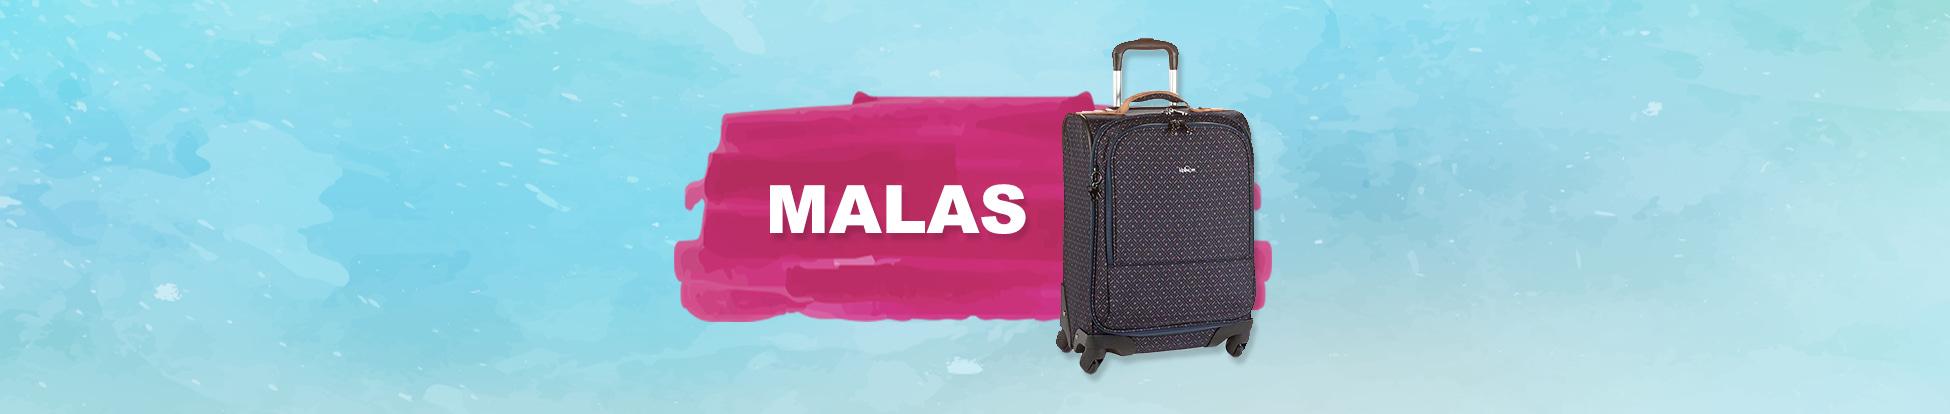 Bolsas - Malas